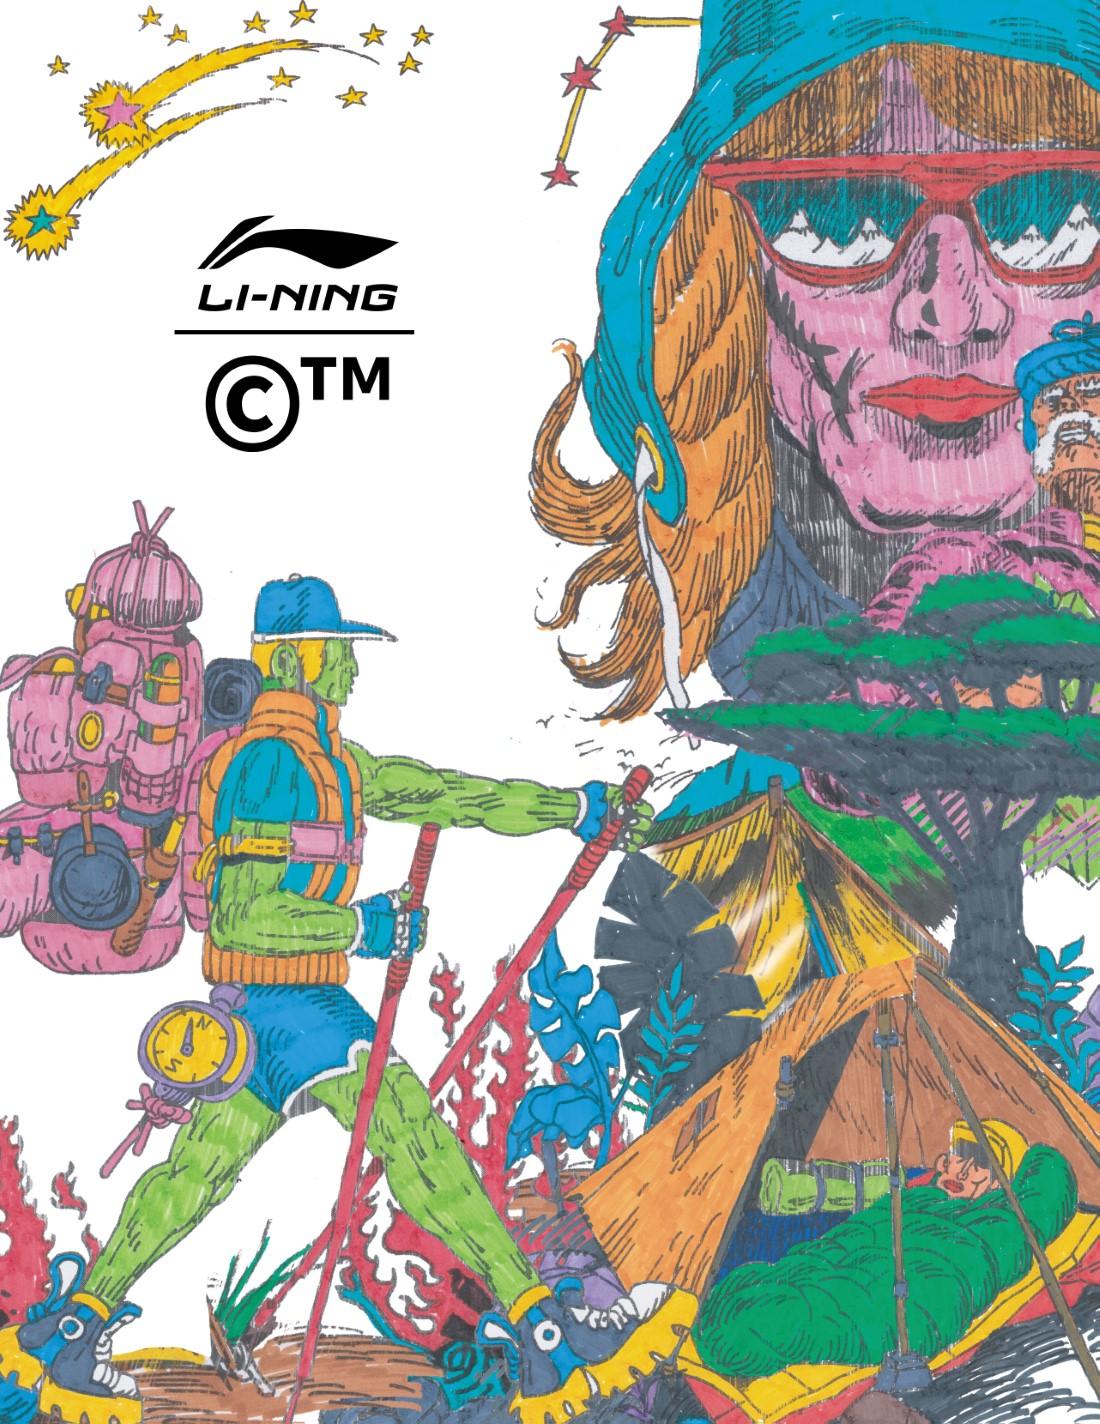 LI-NING - CHINATOWN MARKET